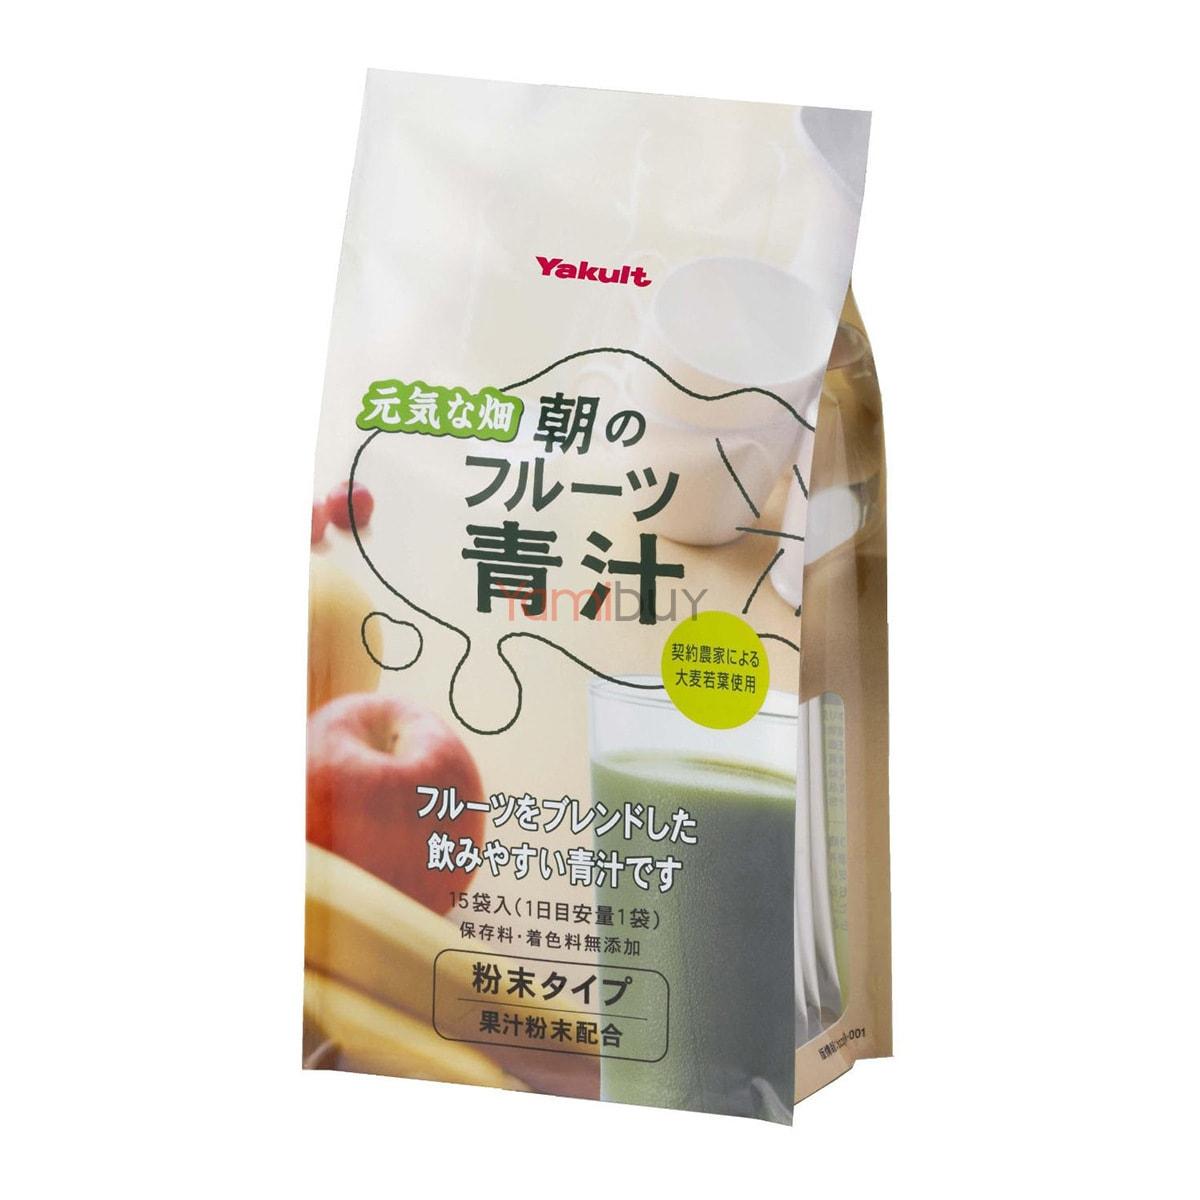 日本YAKULT养乐多 朝の青汁 果汁味配合 15袋入